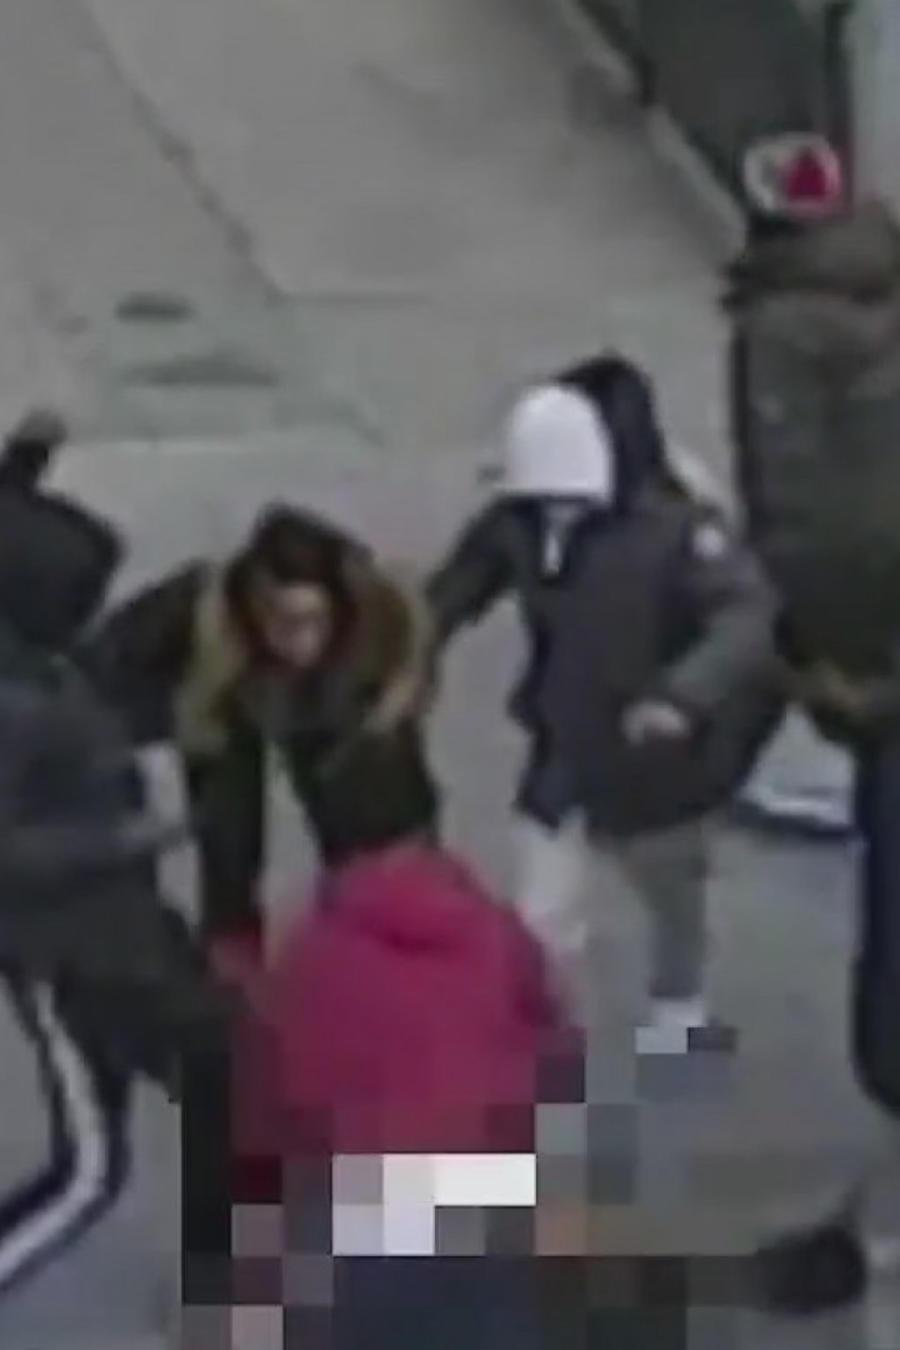 Ladrones golpean y desnudan a un sujeto en Nueva York